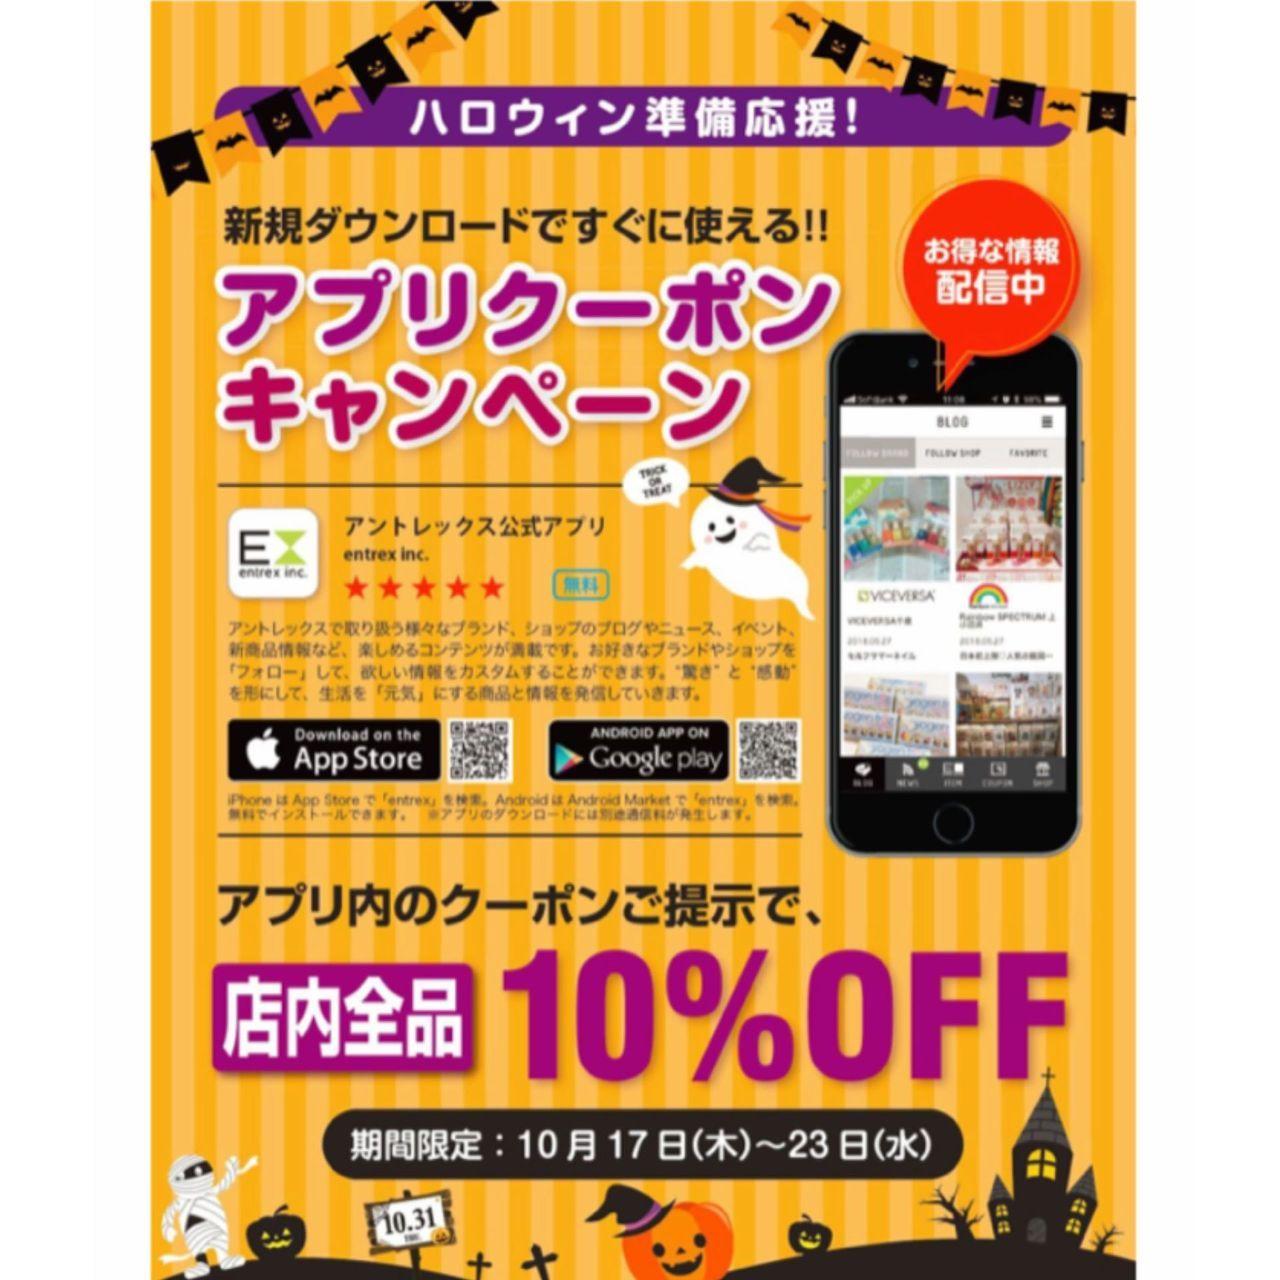 「【全品10%OFF】ハロウィン直前!アプリクーポンキャンペーン」の写真